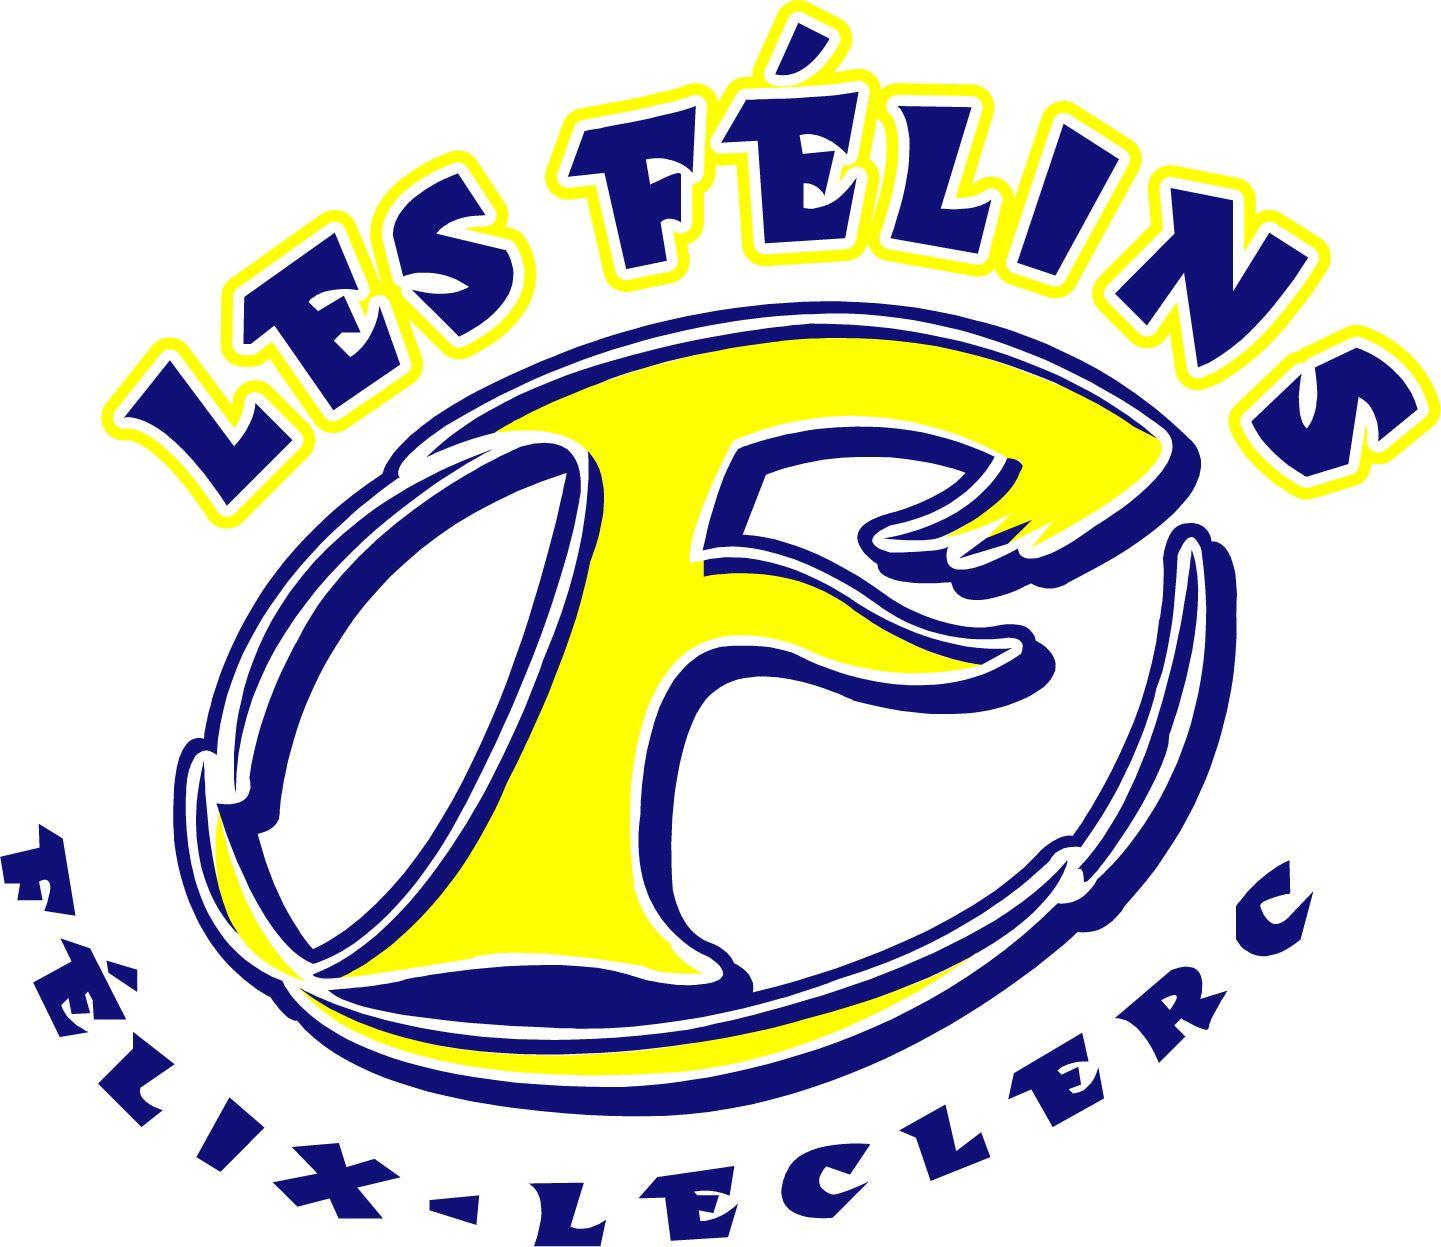 E.S. Félix-Leclerc - Men's Varsity Basketball